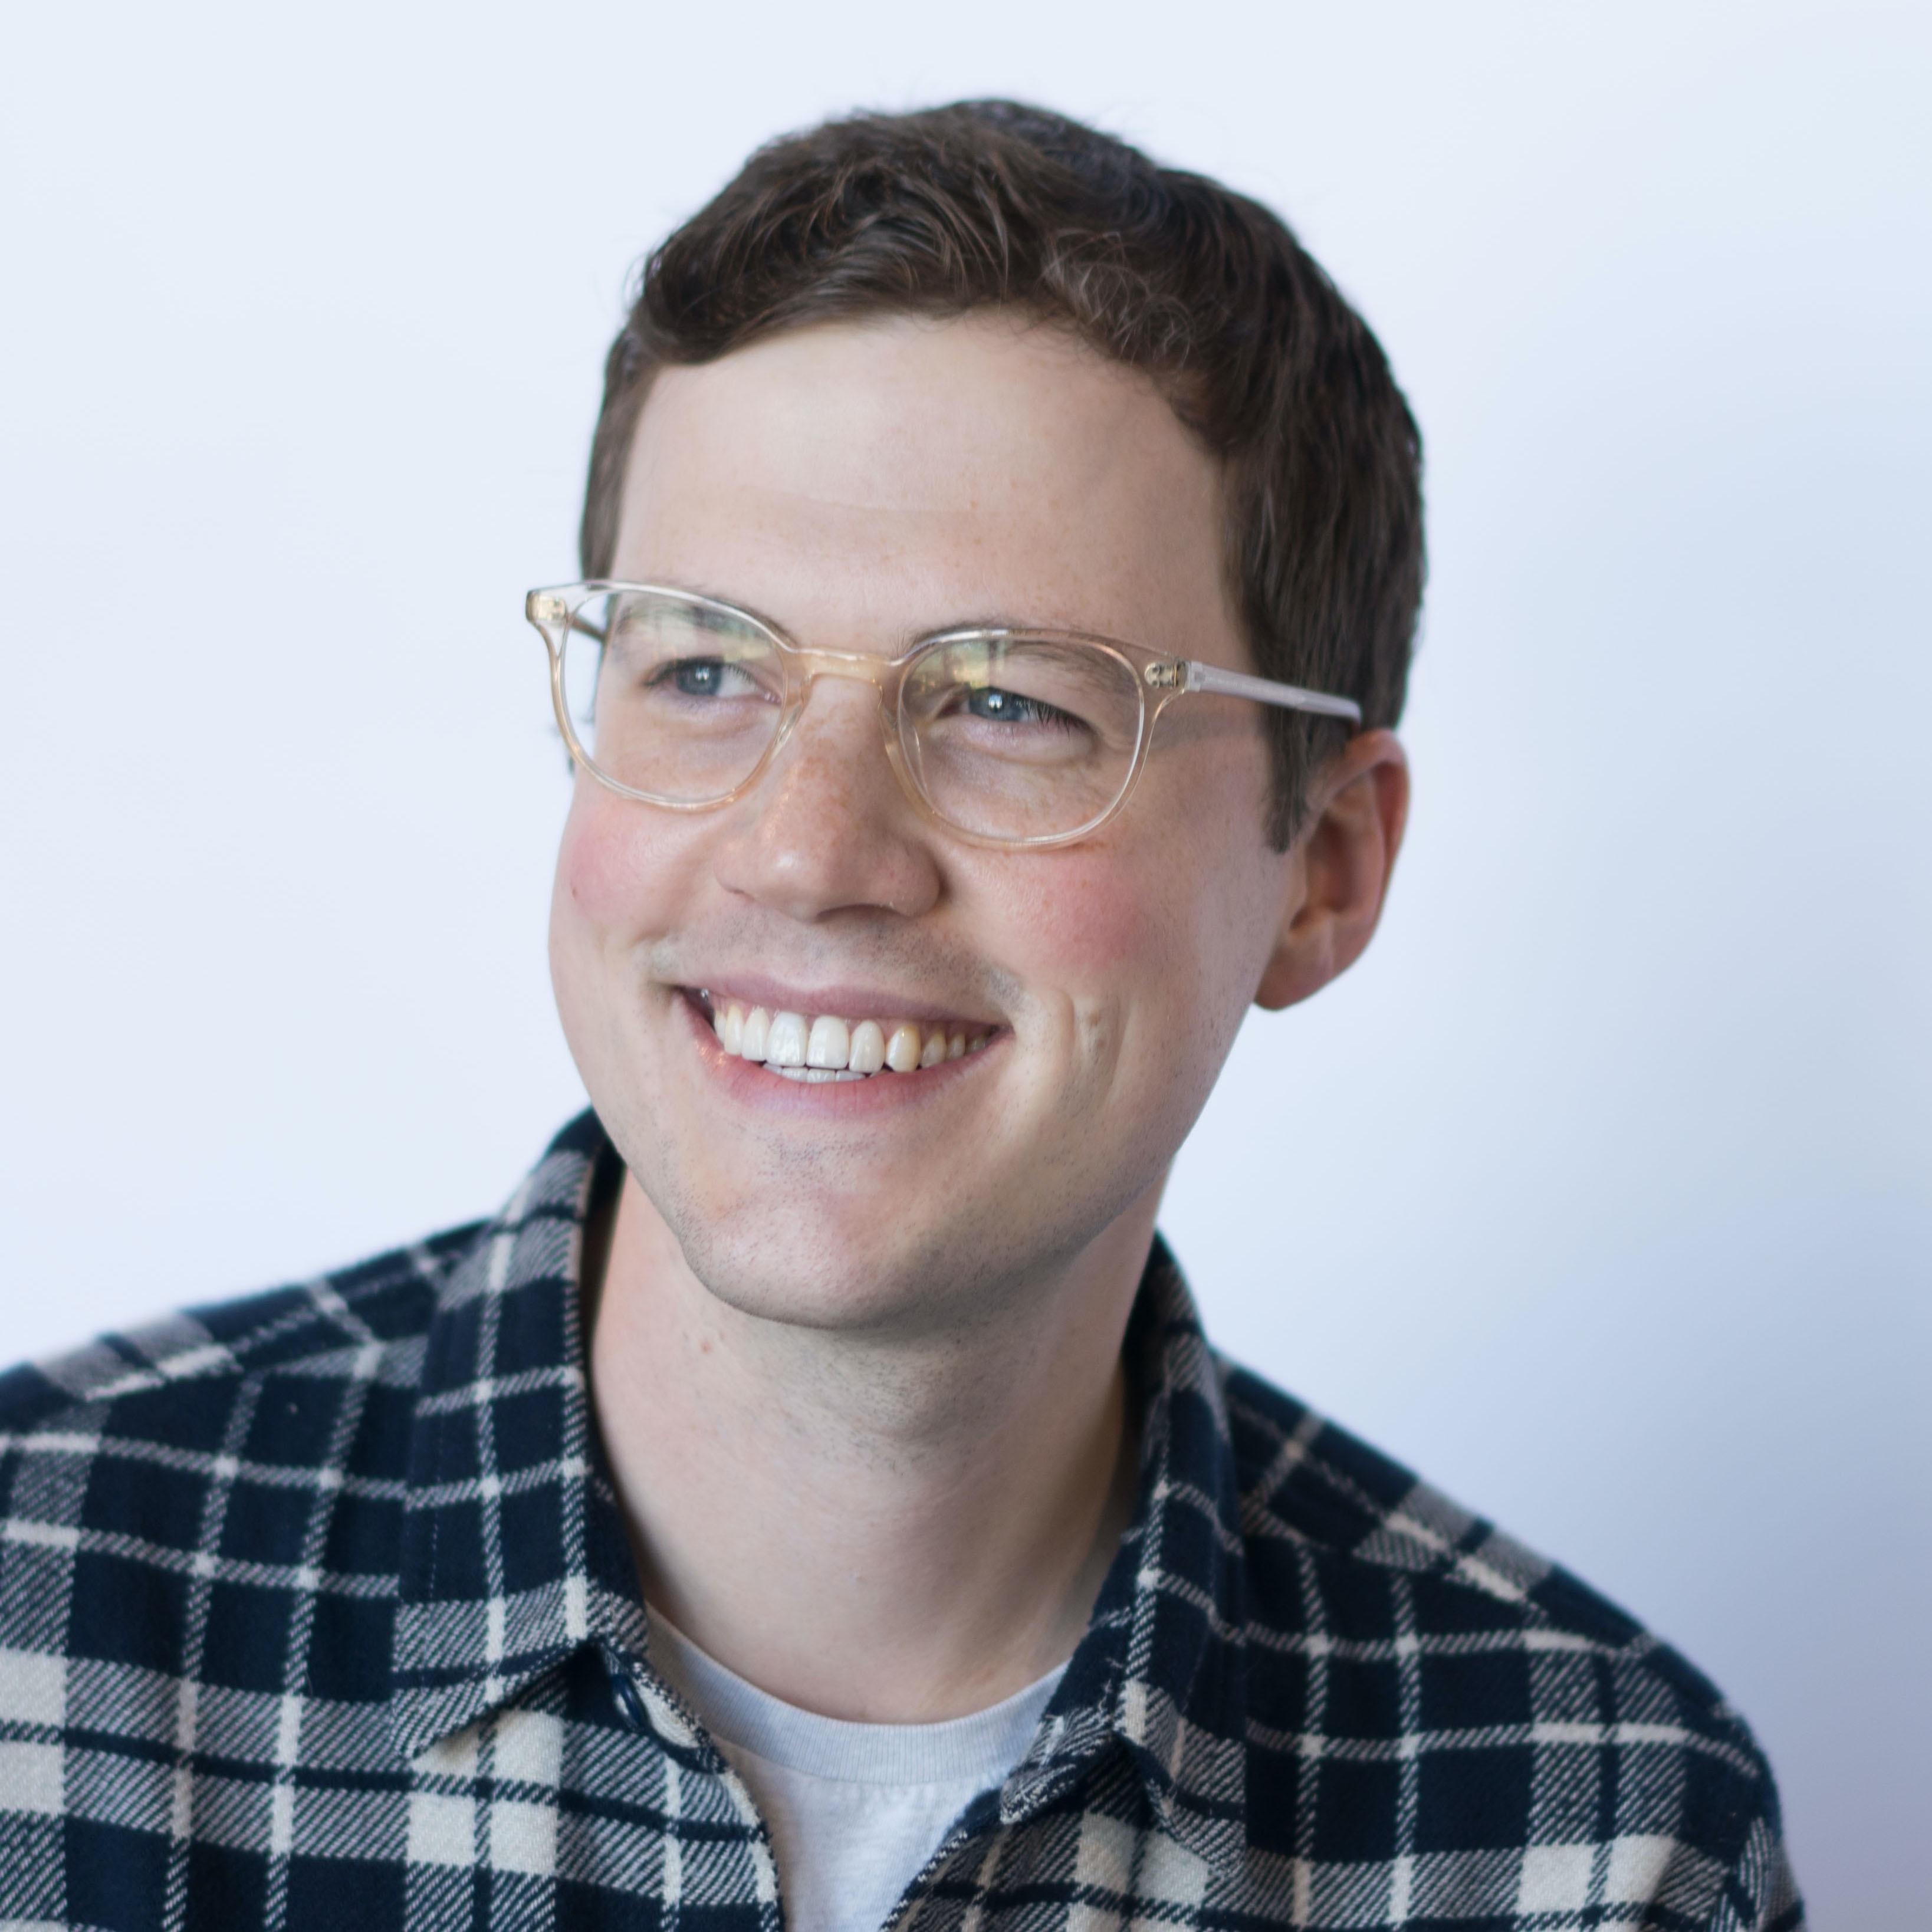 Avatar of user Scott Greer